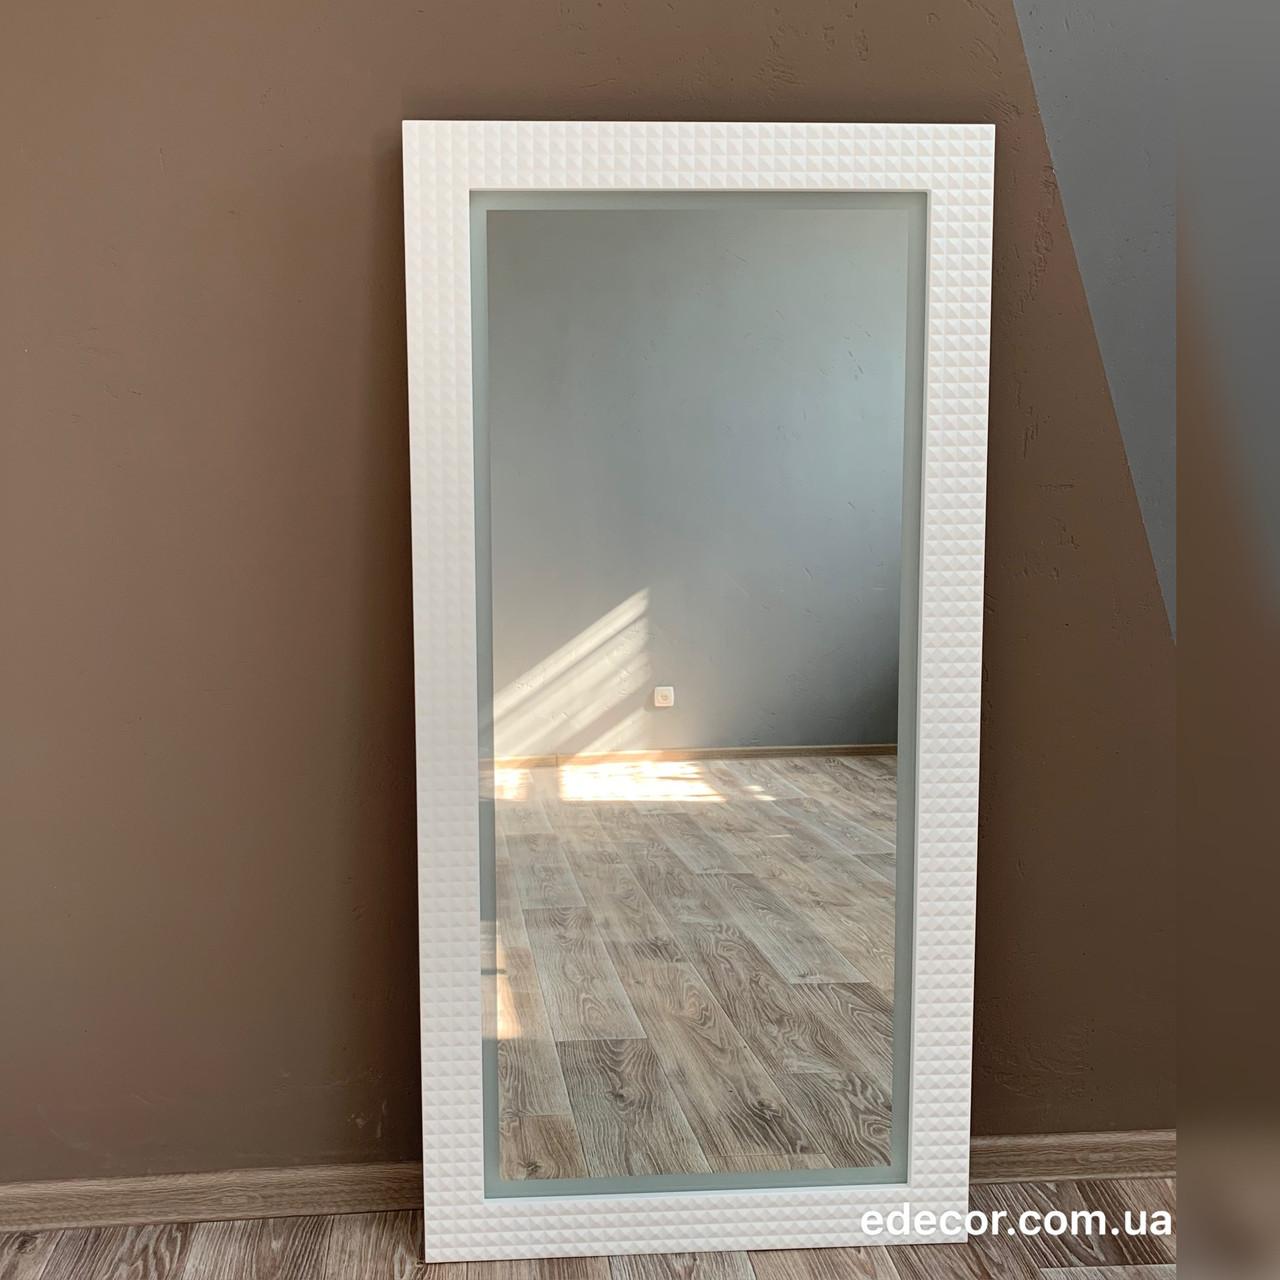 Зеркало с подсветкой напольное Madrid